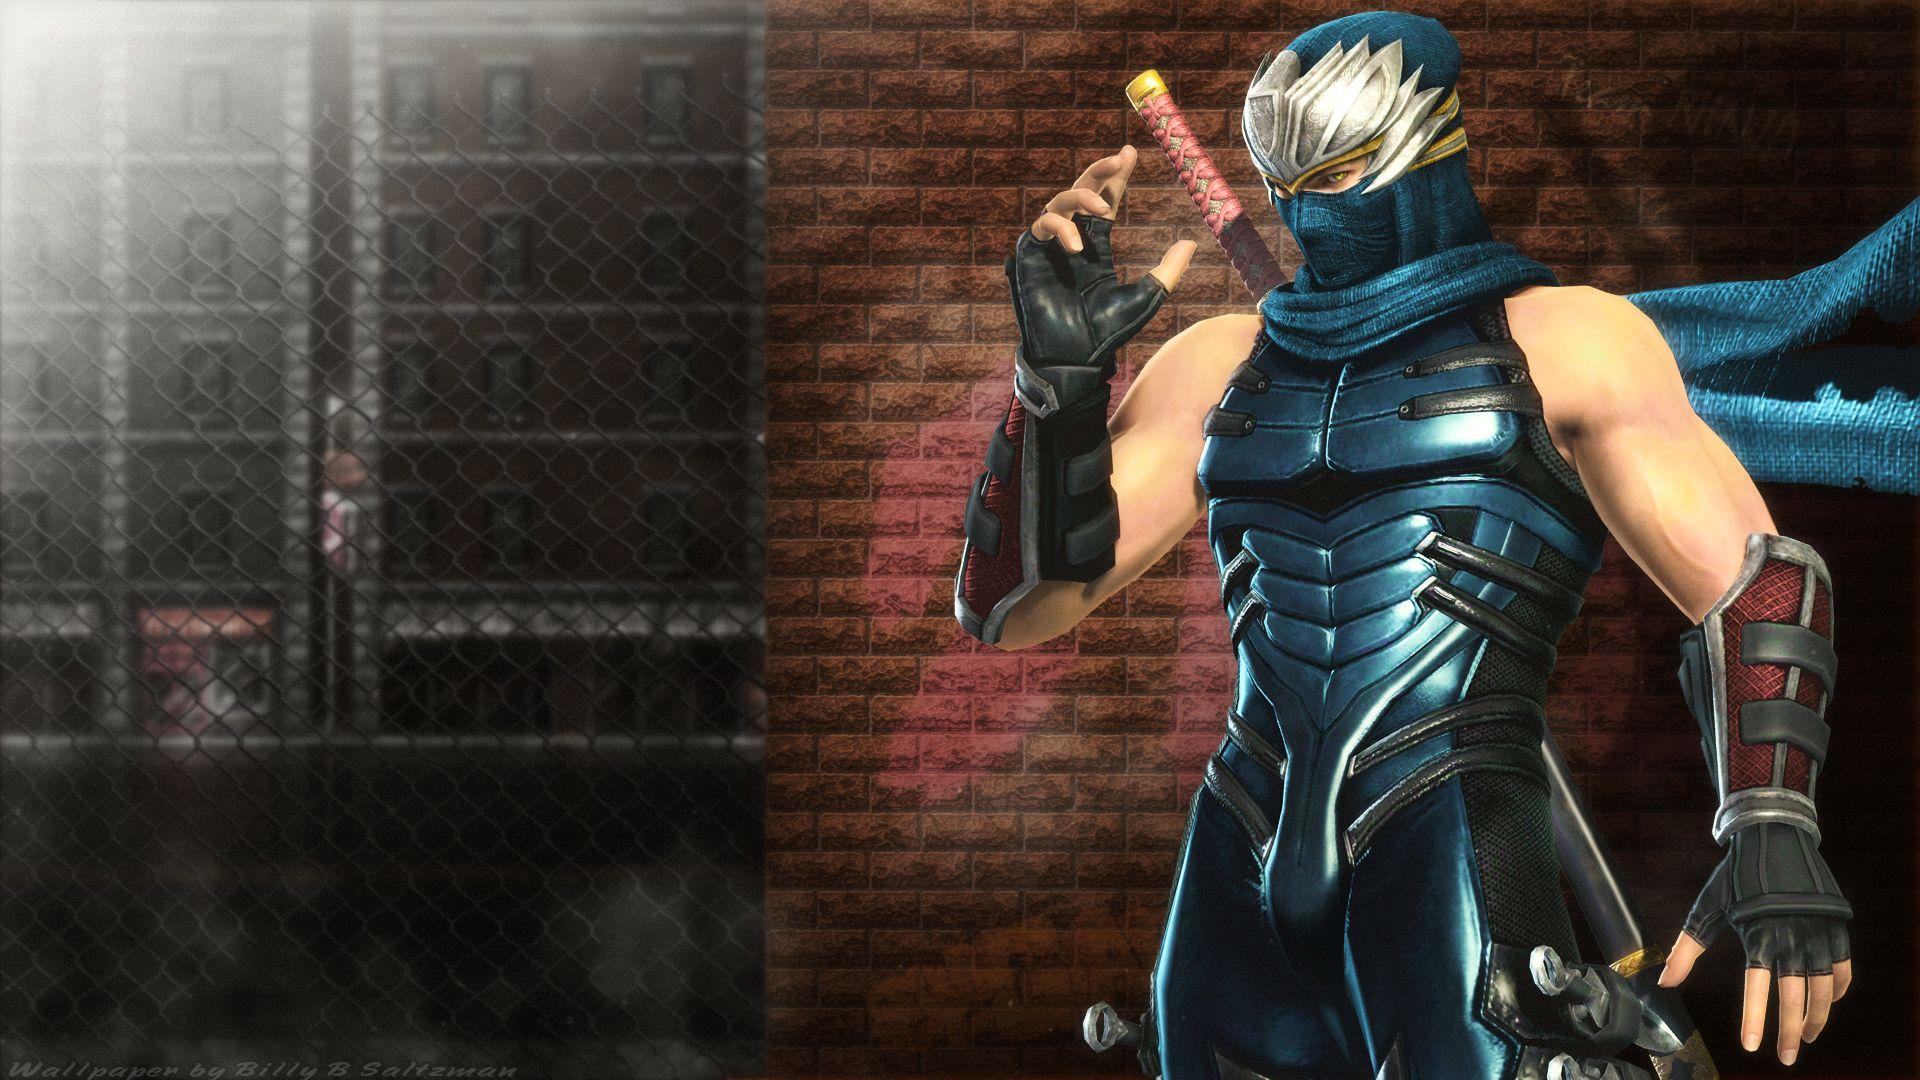 ninja backgrounds